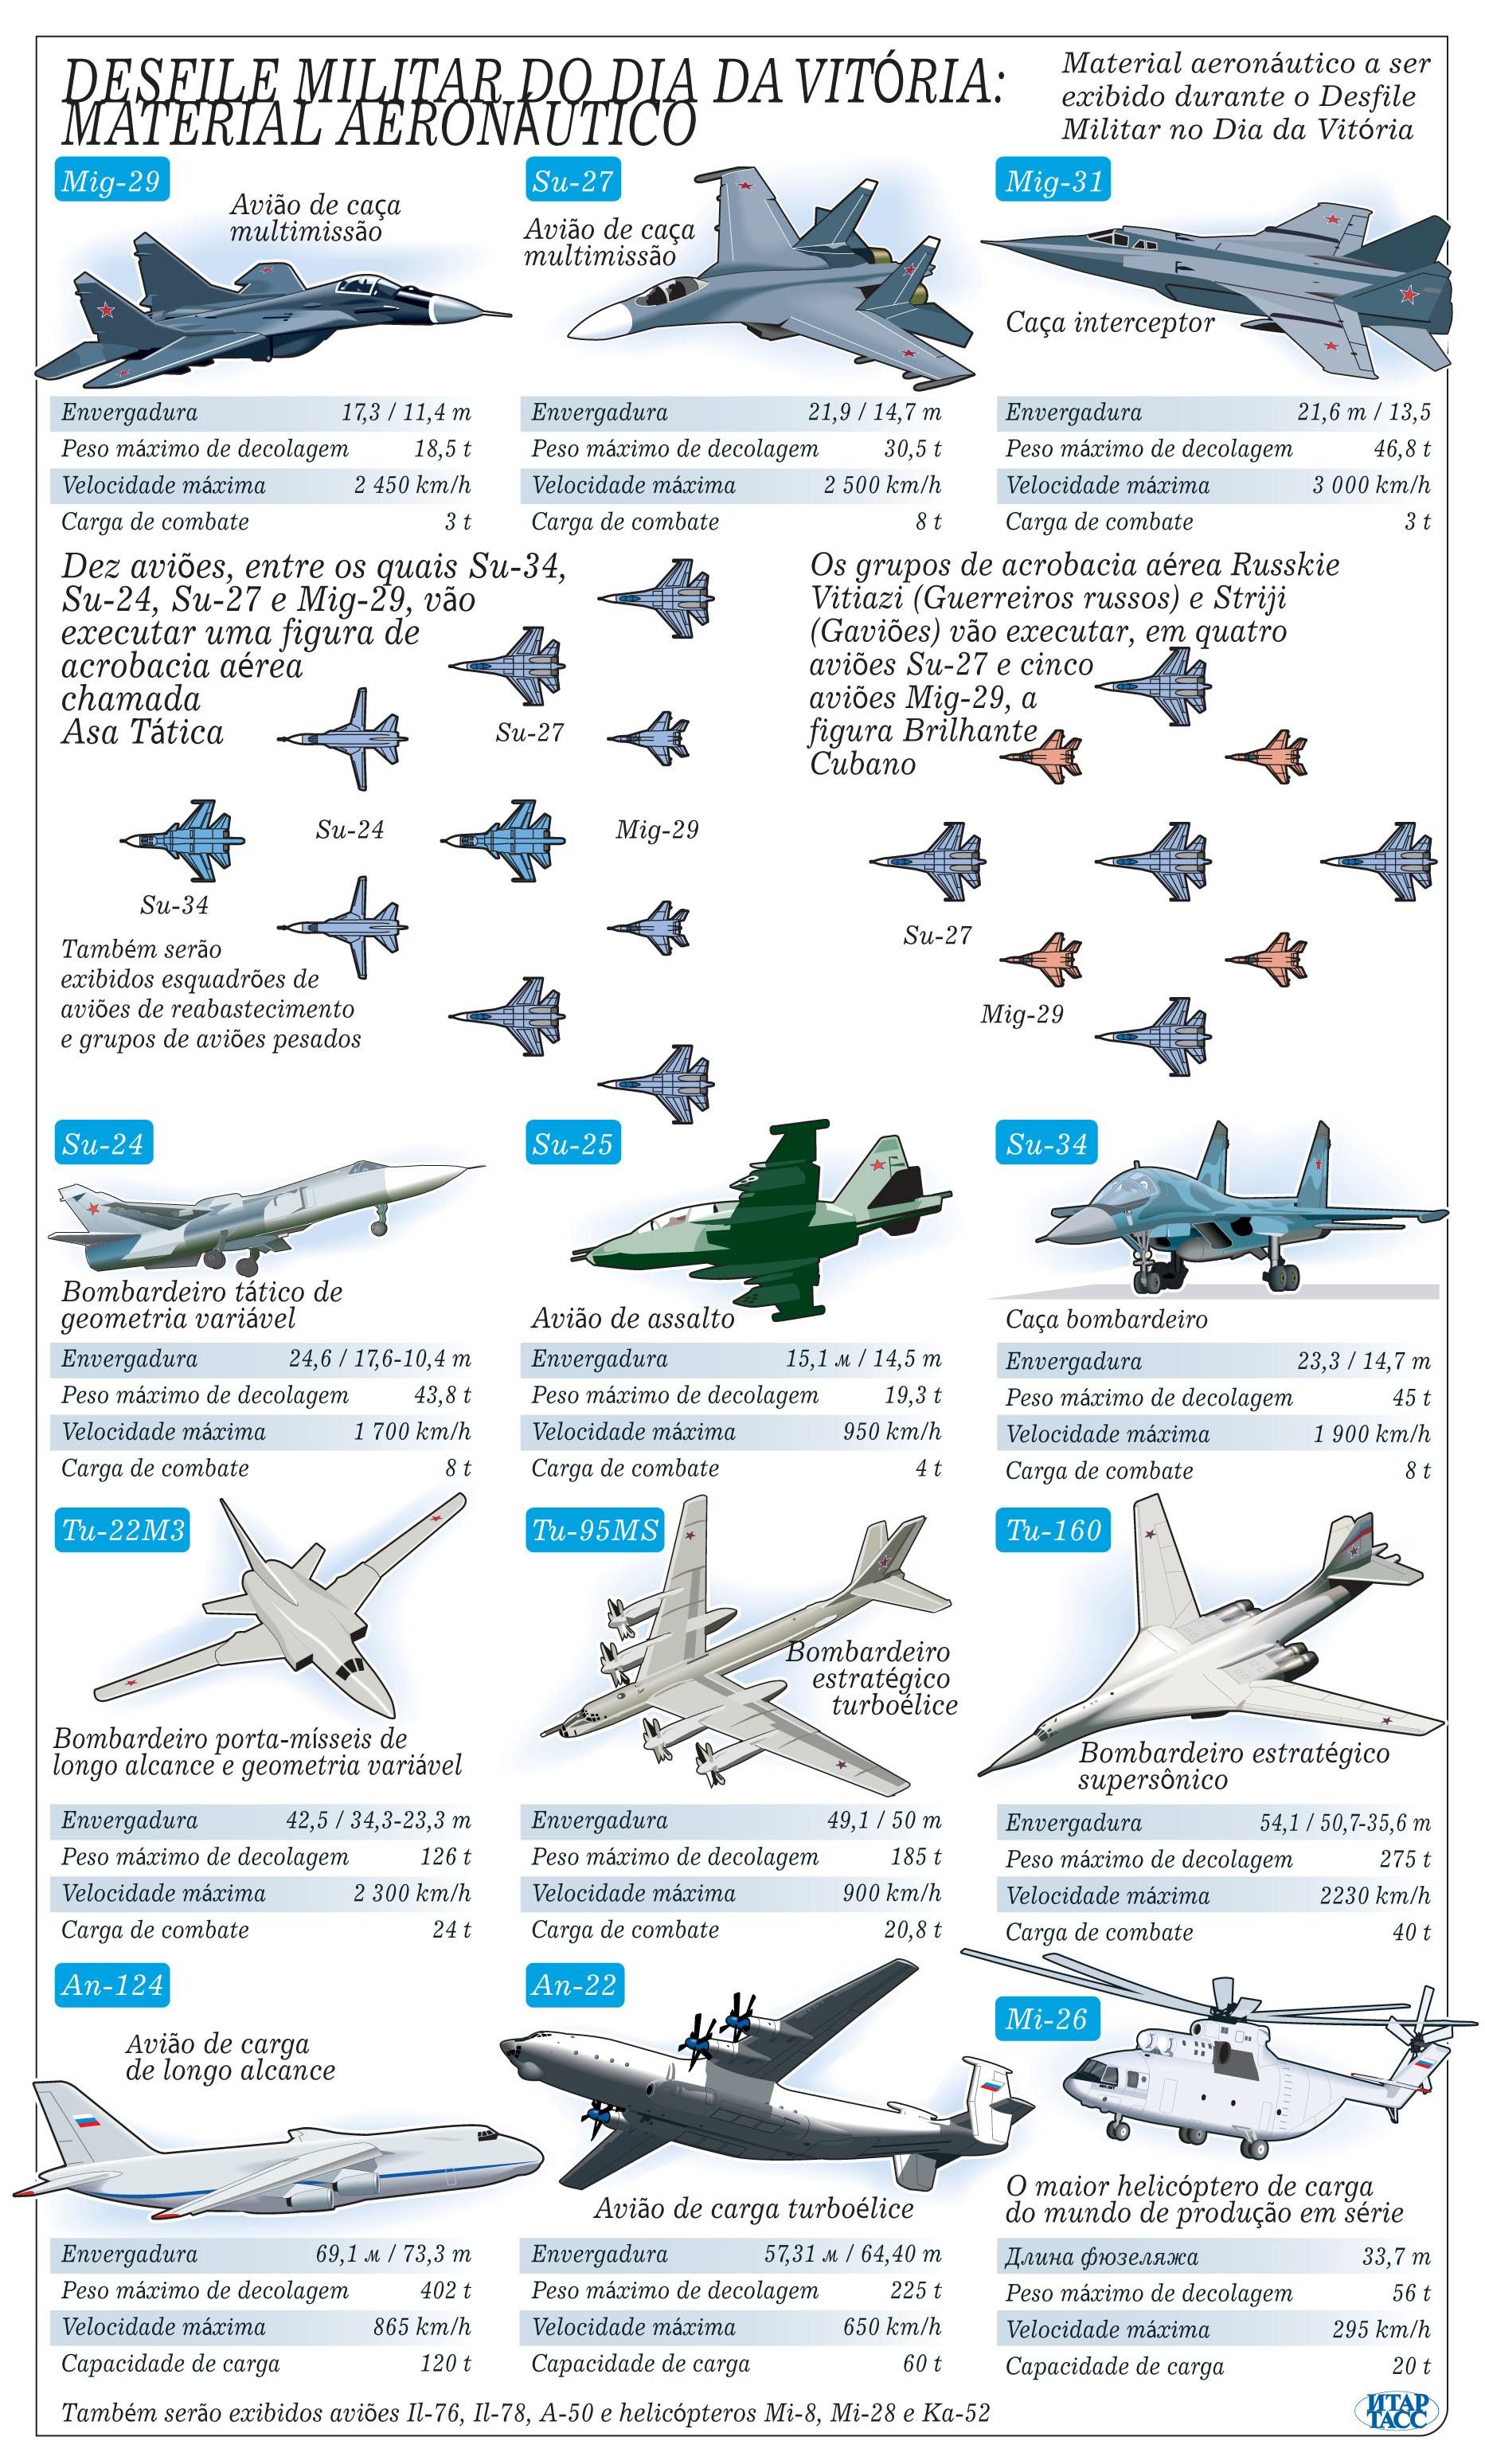 Desfile militar do dia da vitória: material aeronáutico